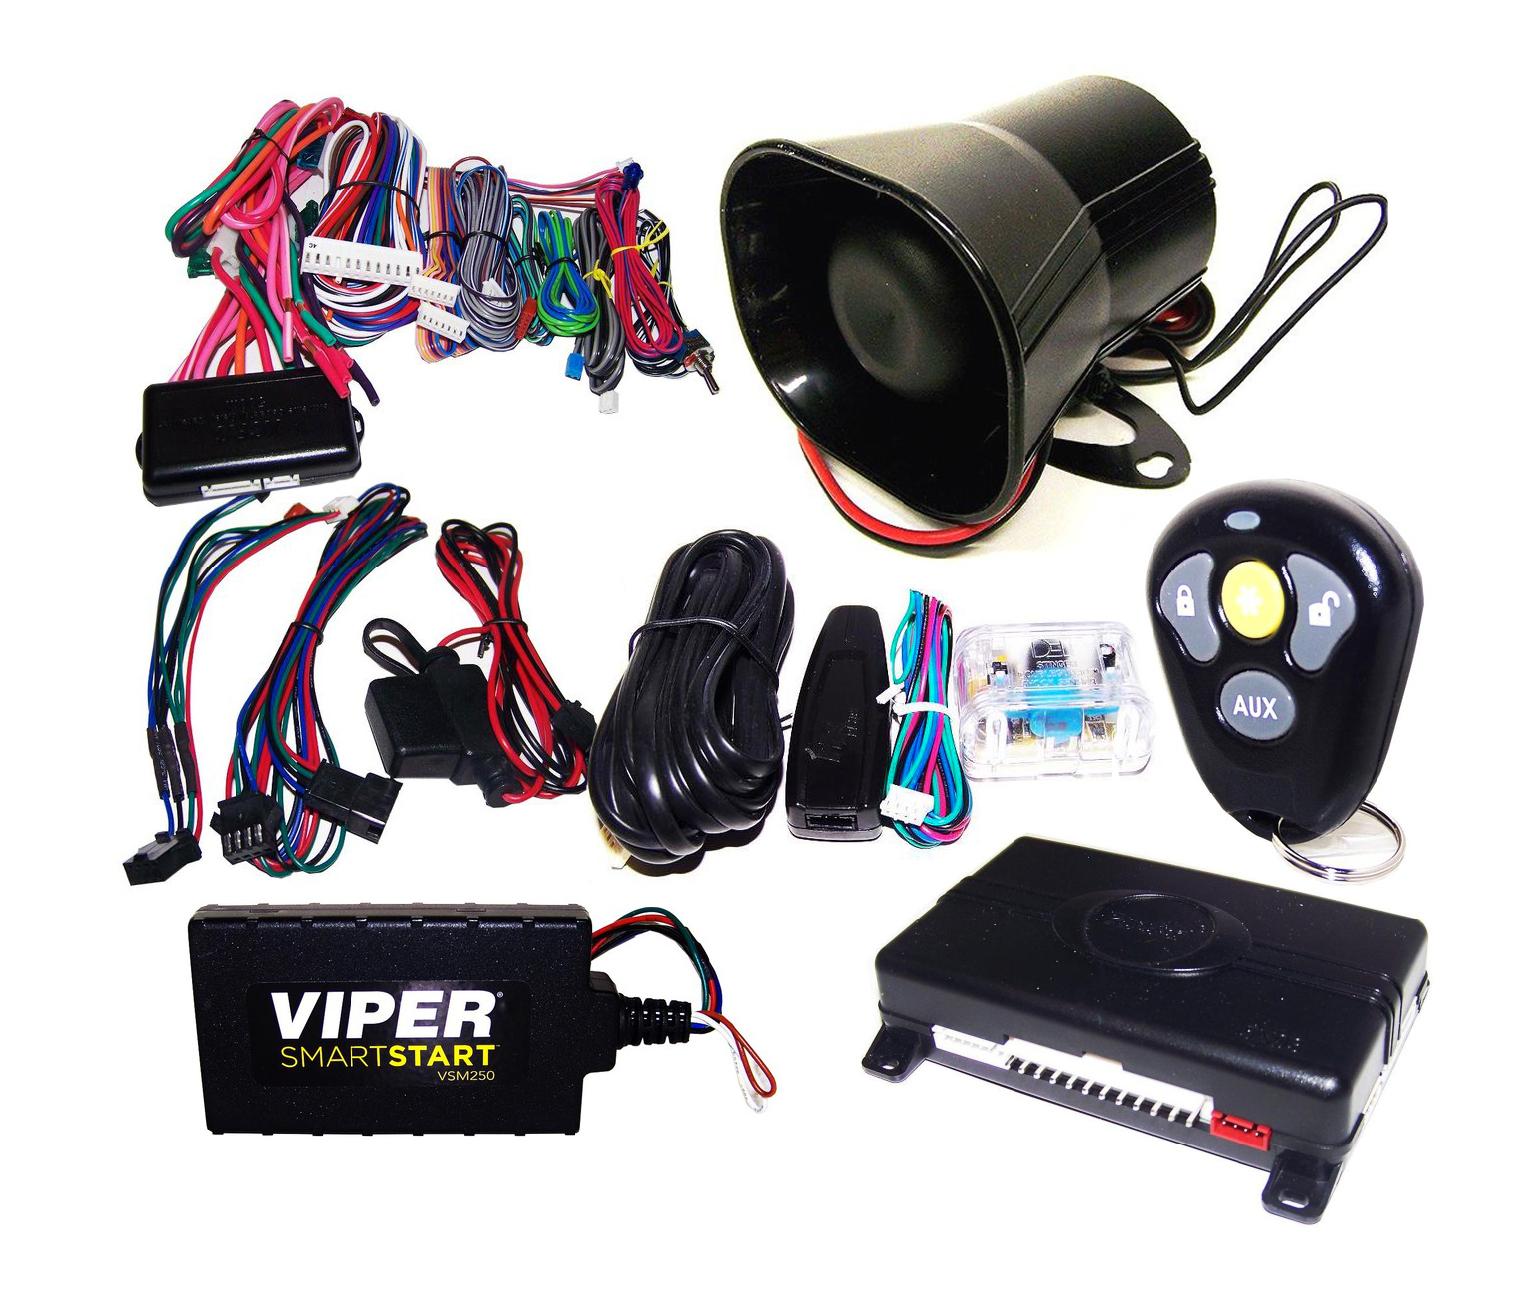 viper dss5500 car remote start keyless alarm smart start. Black Bedroom Furniture Sets. Home Design Ideas